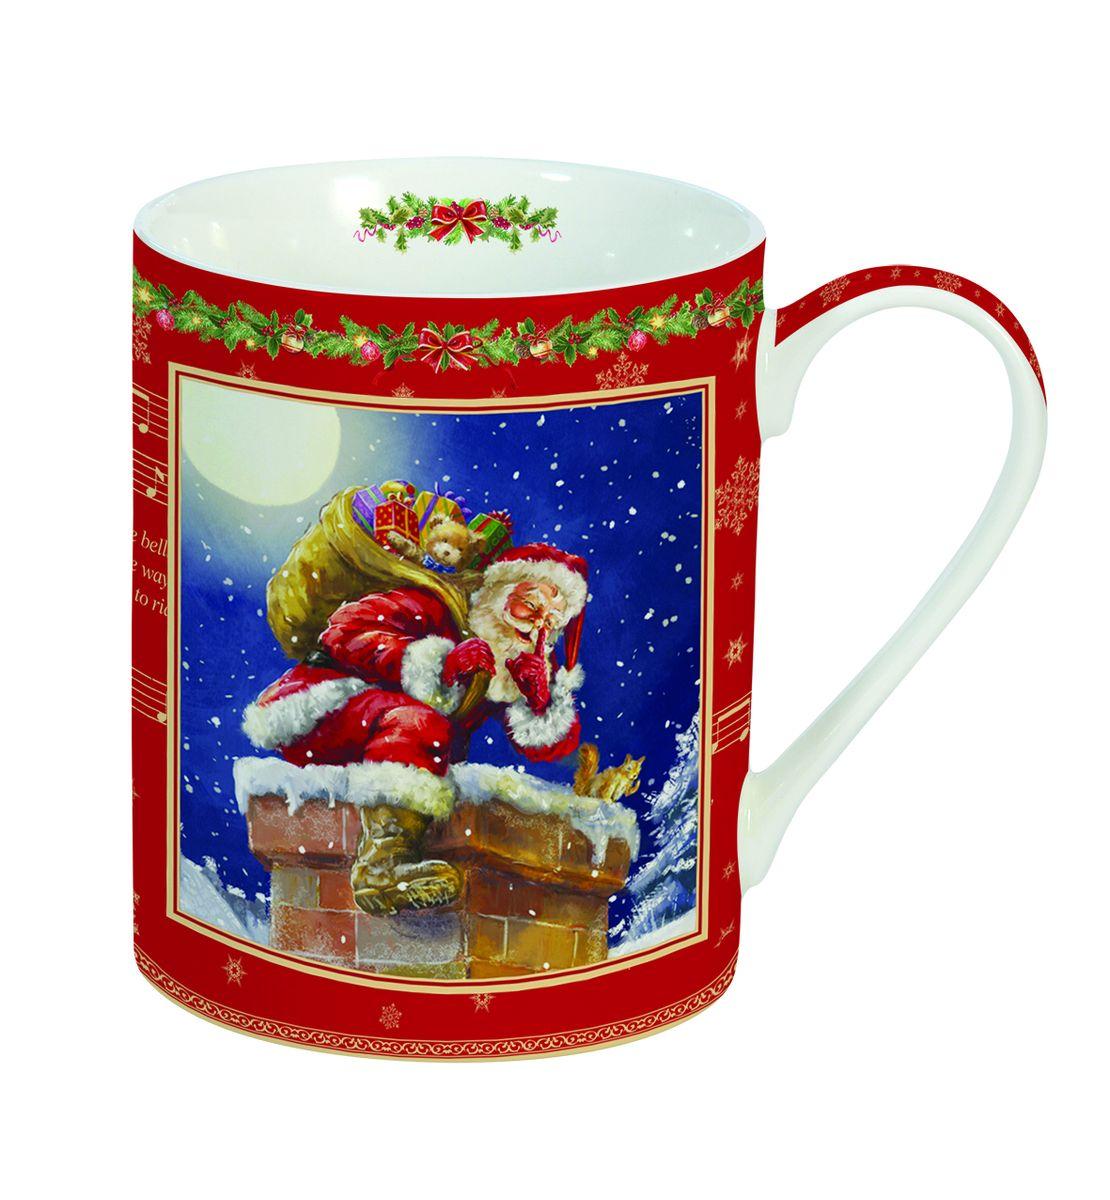 Кружка Nuova R2S Новогодние подарки, 300 мл214SILEКружка Nuova R2S Новогодние подарки изготовлена из высококачественного фарфора. Изделие оформлено ярким изображением Деда Мороза, сидящем на трубе крыши. Такая кружка -отличный вариант новогоднего подарка для ваших близких и друзей. Можно использовать в СВЧ и мыть в посудомоечной машине. Диаметр (по верхнему краю): 7,5 см.